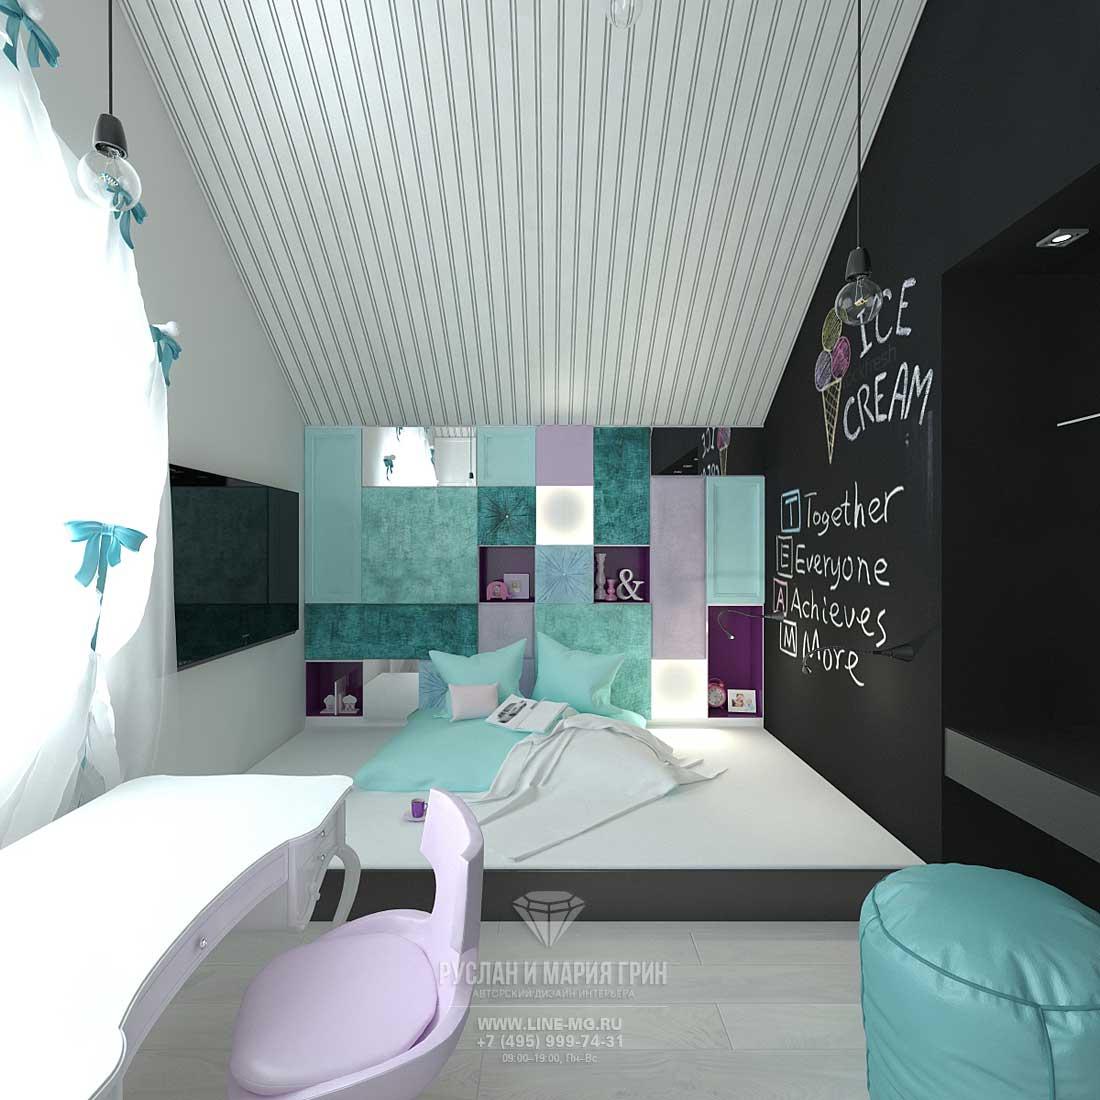 Дизайн гостевой детской комнаты для девочки. Фото новинки 2016